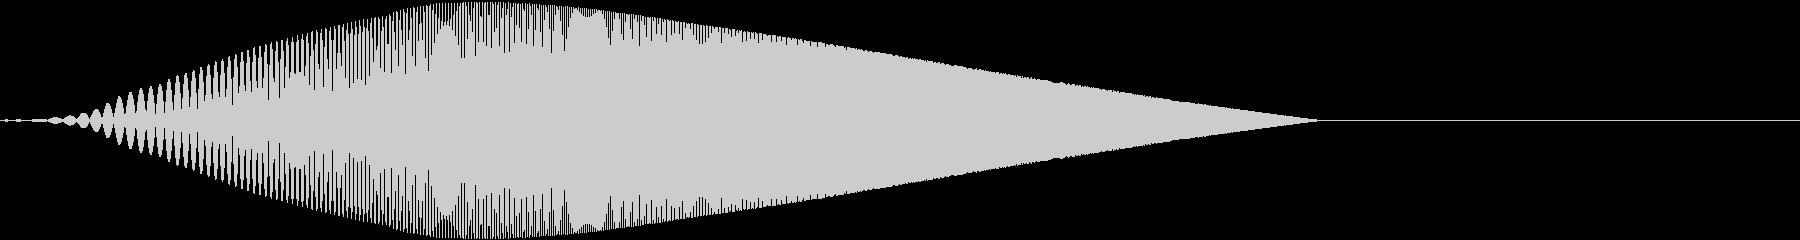 Tool プレゼン映像向け動作SE 6の未再生の波形